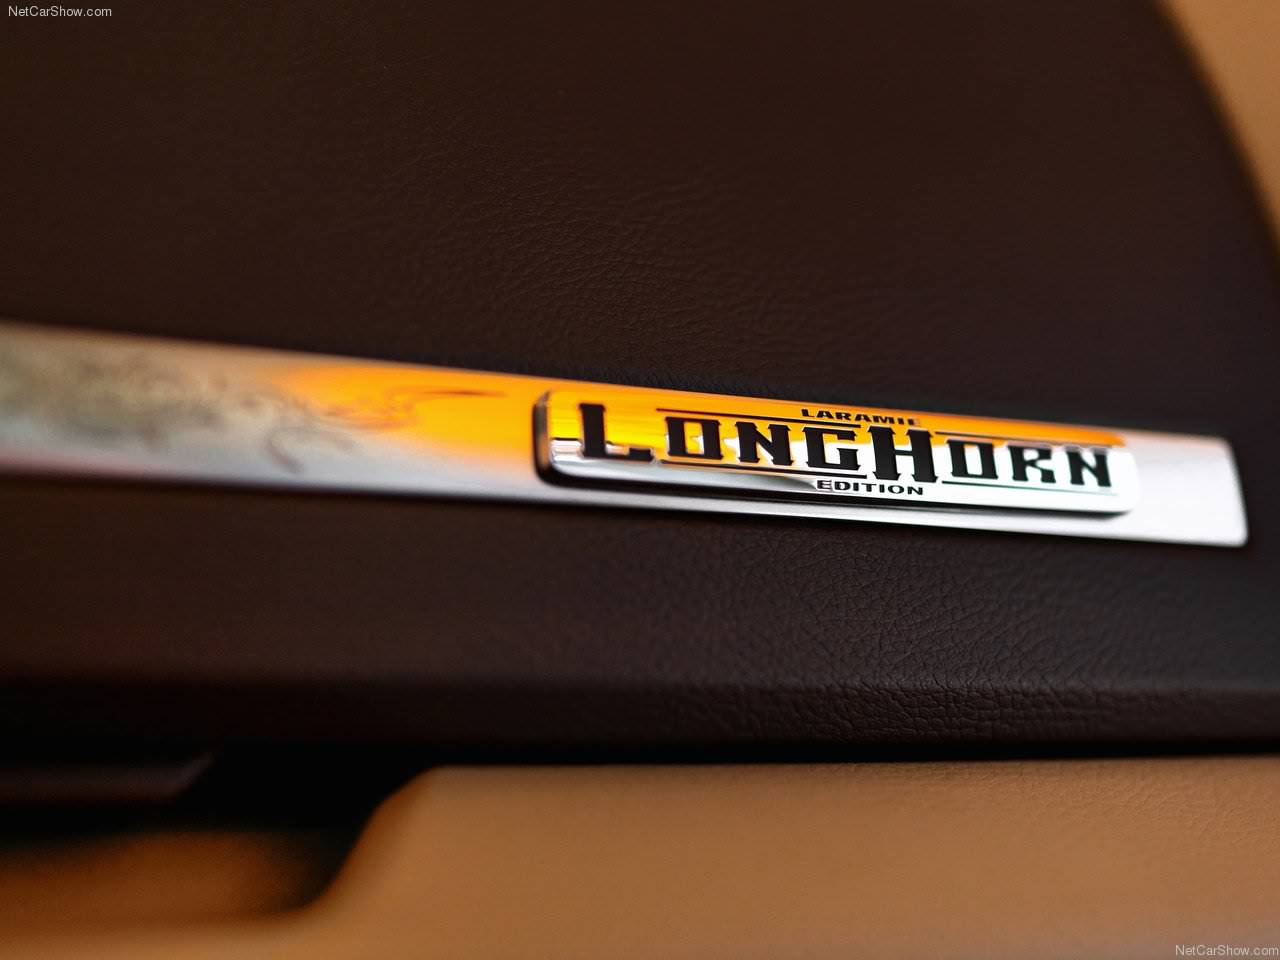 http://1.bp.blogspot.com/_lsyt_wQ2awY/TJxhuotMLxI/AAAAAAACFX0/gdwSjs5pZyY/s1600/Dodge-Ram_Laramie_Longhorn_2011_1280x960_wallpaper_06.jpg